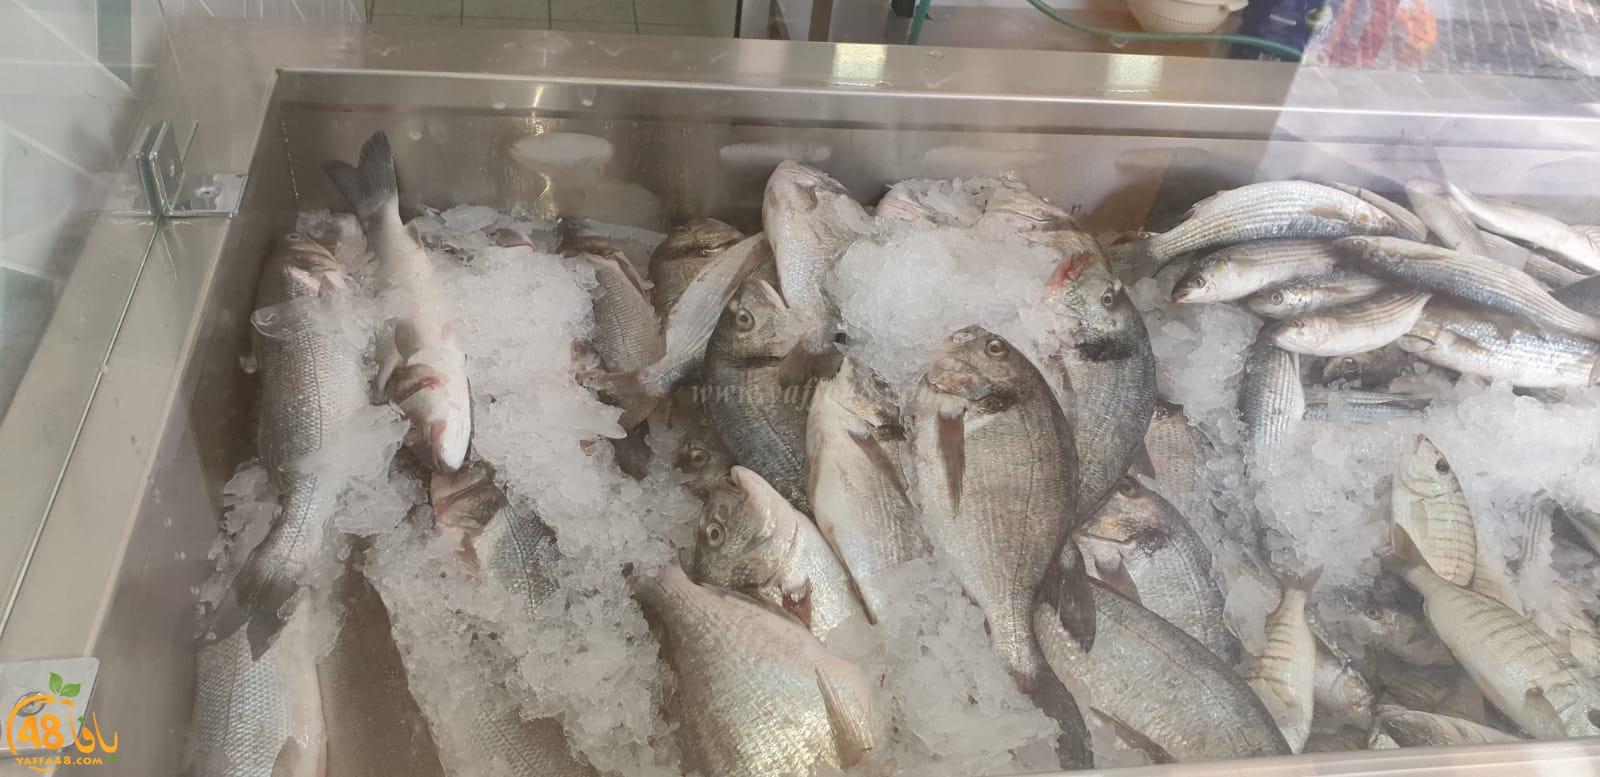 يافا: انتقال مطعم fish & chips للأسماك الطازجة الى مخزن 1 بميناء يافا